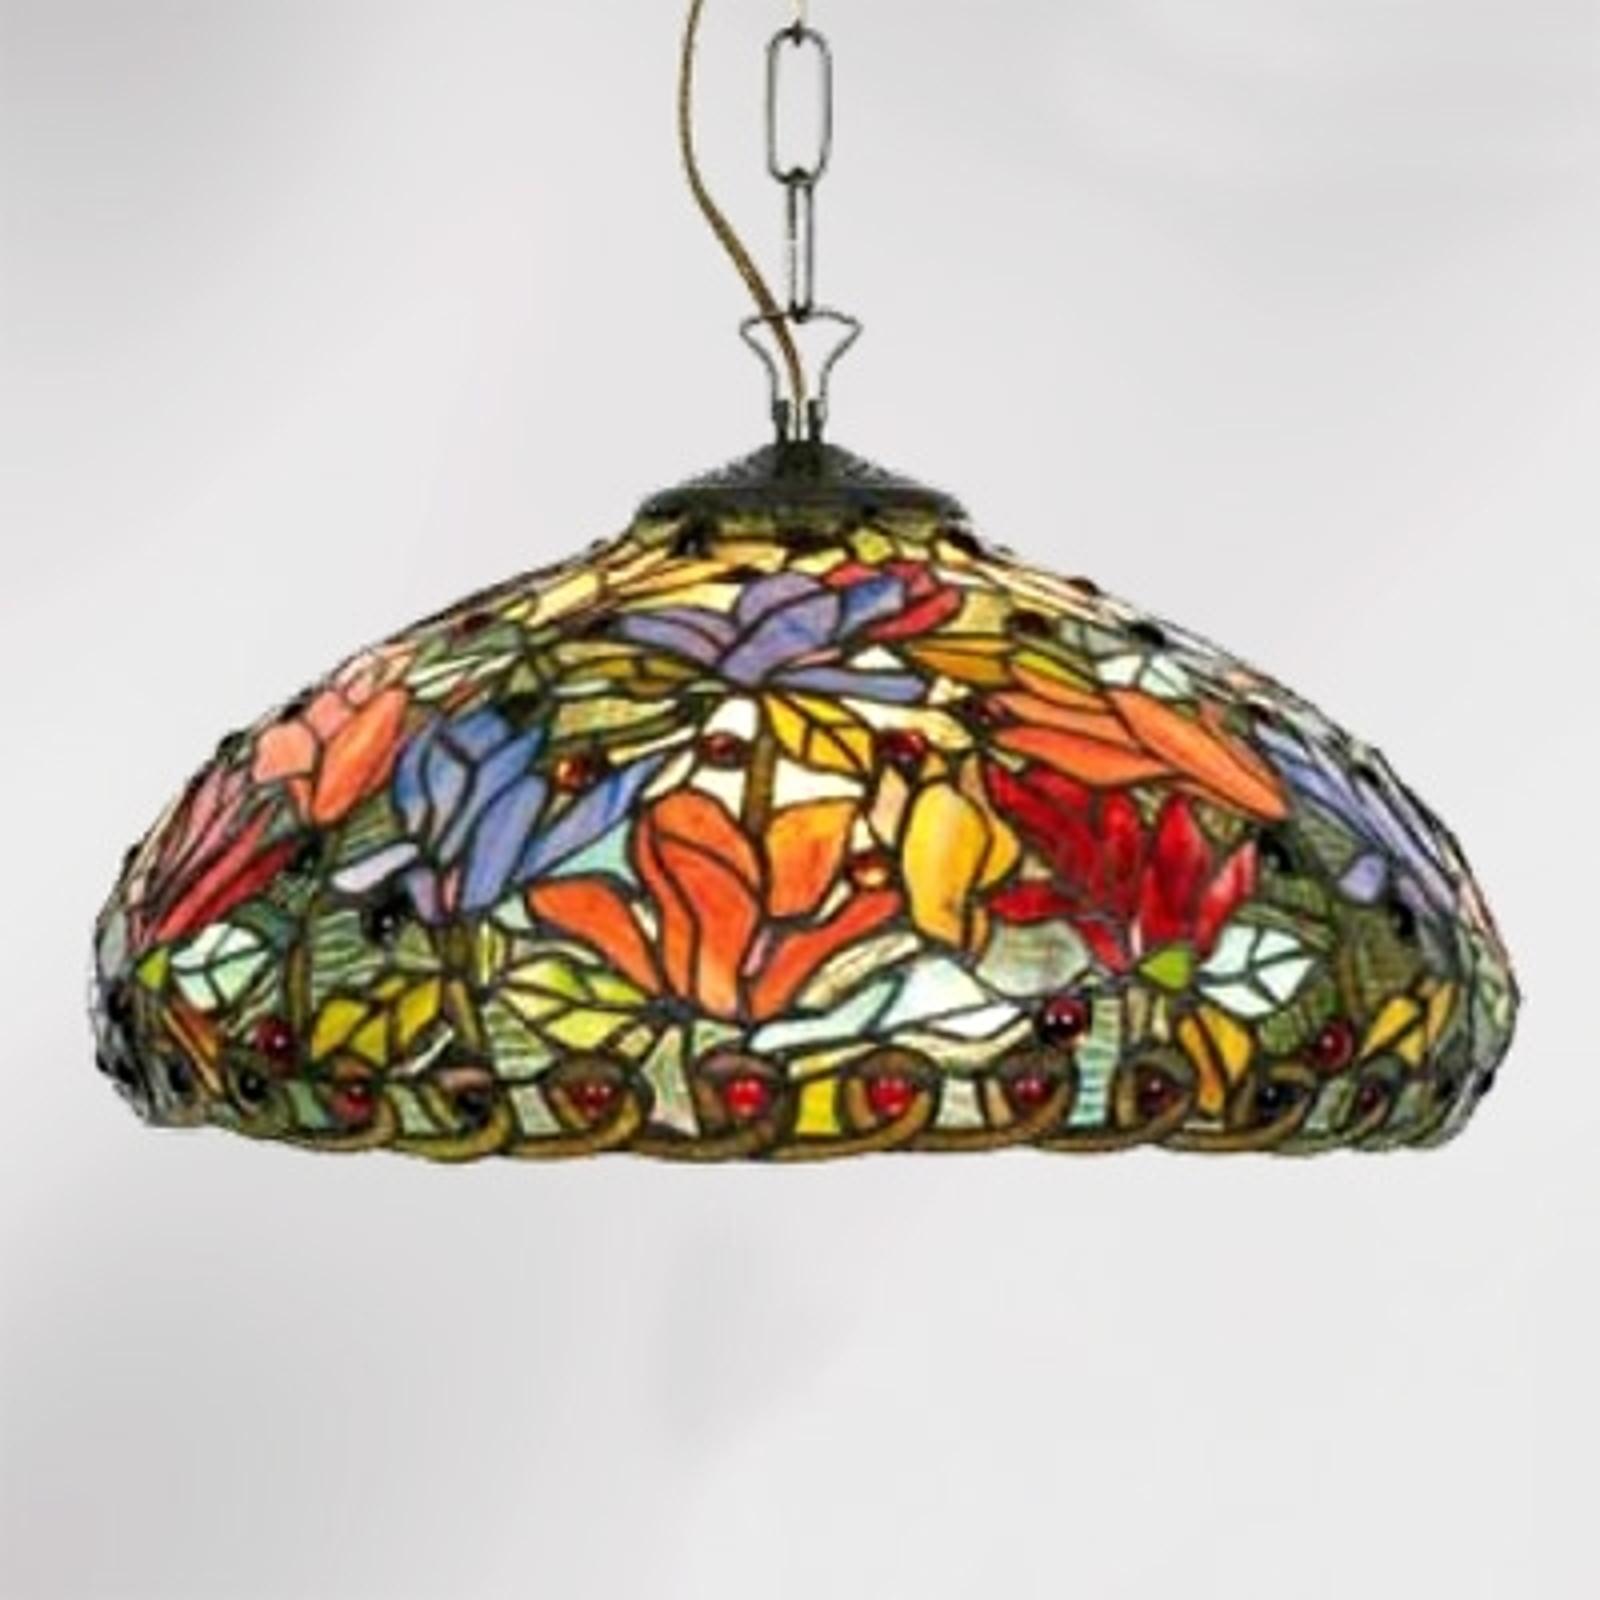 Bloemrijke hanglamp Elaine in Tiffanystijl 1xE27